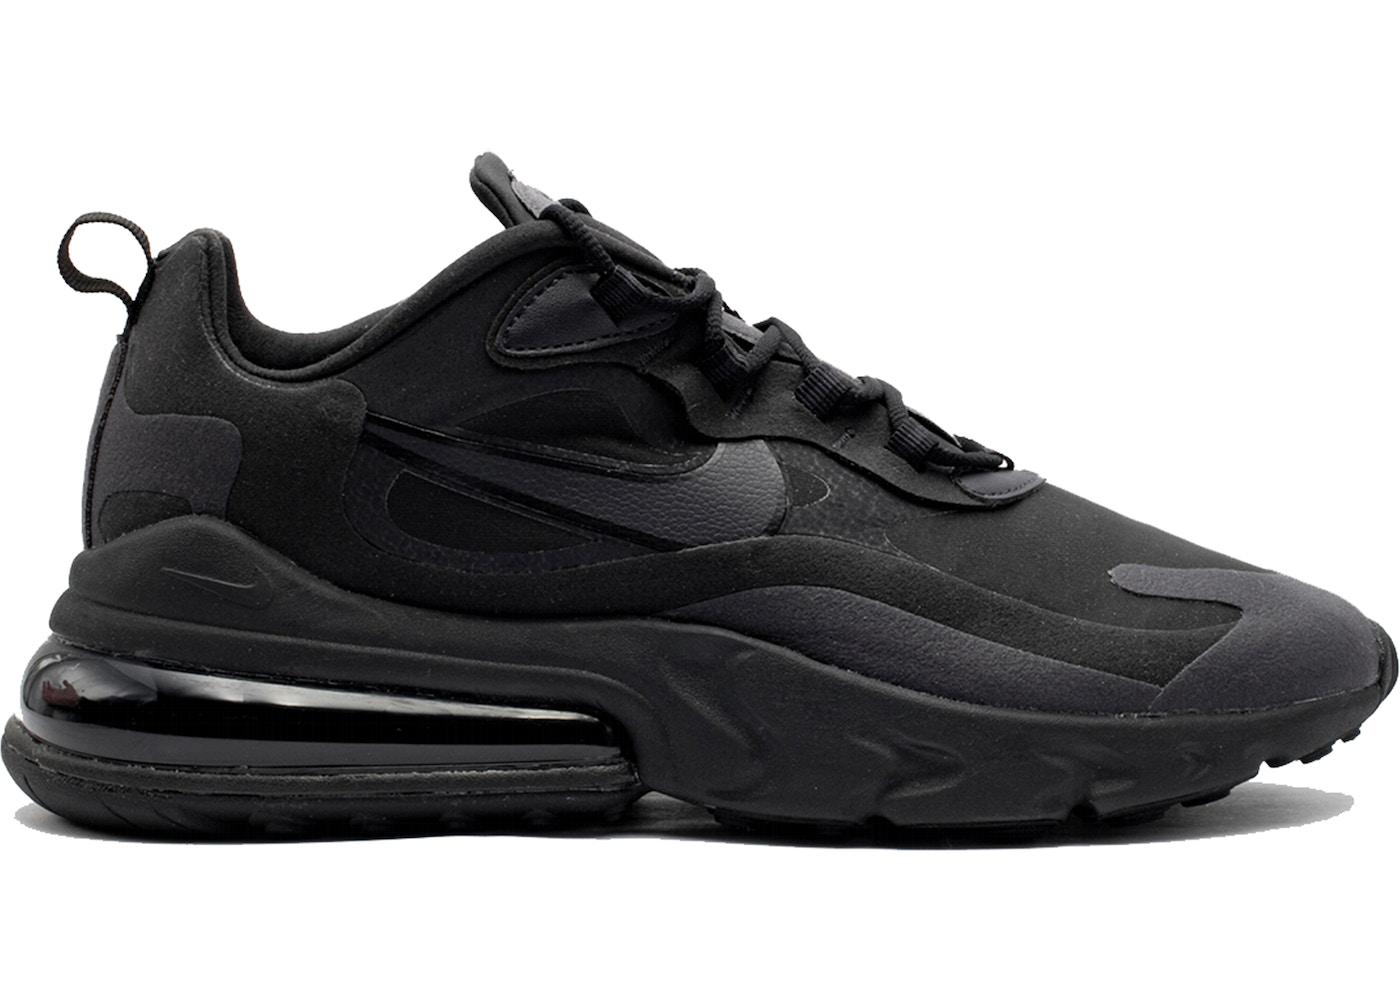 Nike Air Max 270 React Hip Hop Triple Black